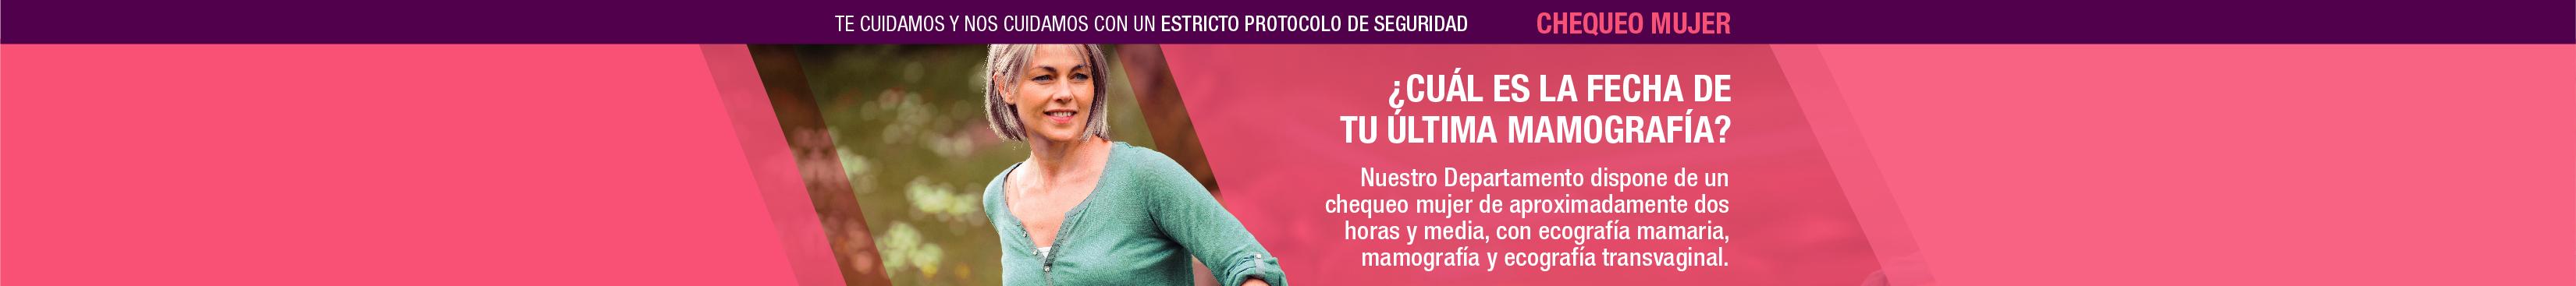 Banner_Web_Chequeo_Mujer_Coronavirus